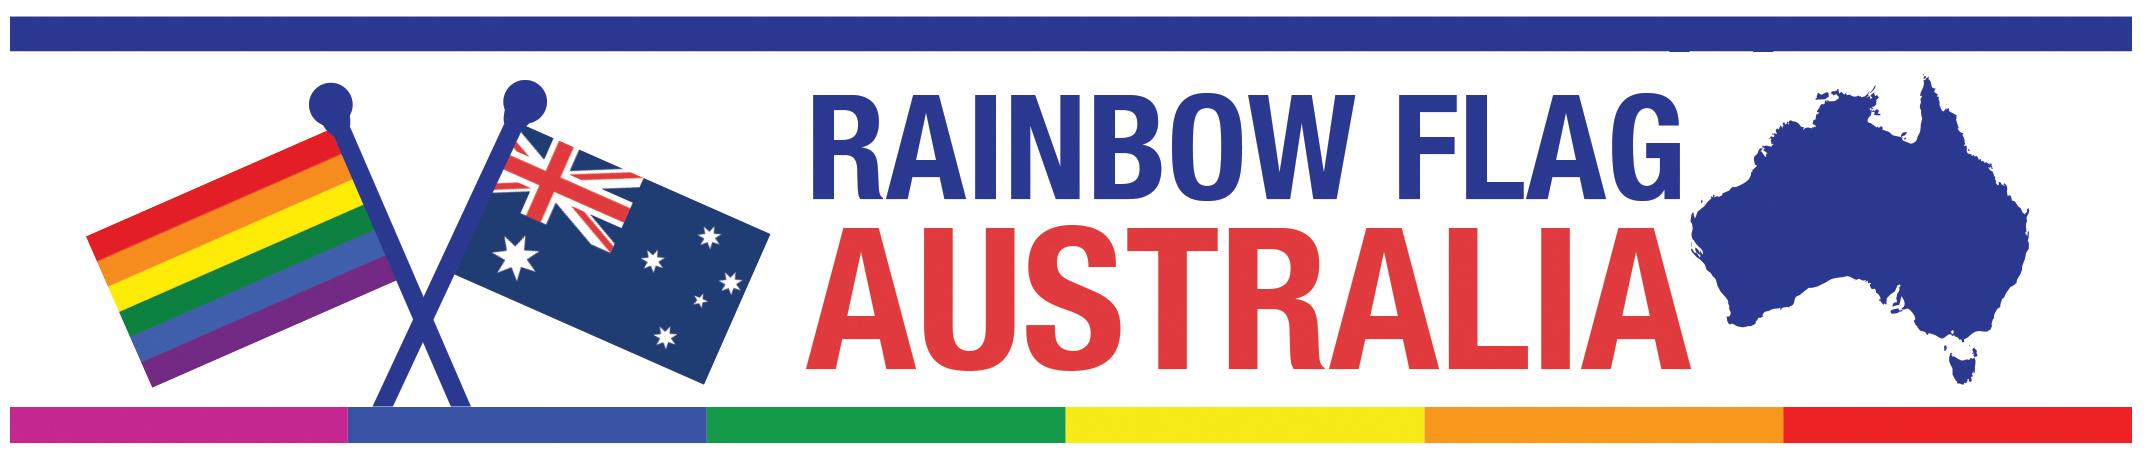 rainbow-flag-australia-landscape